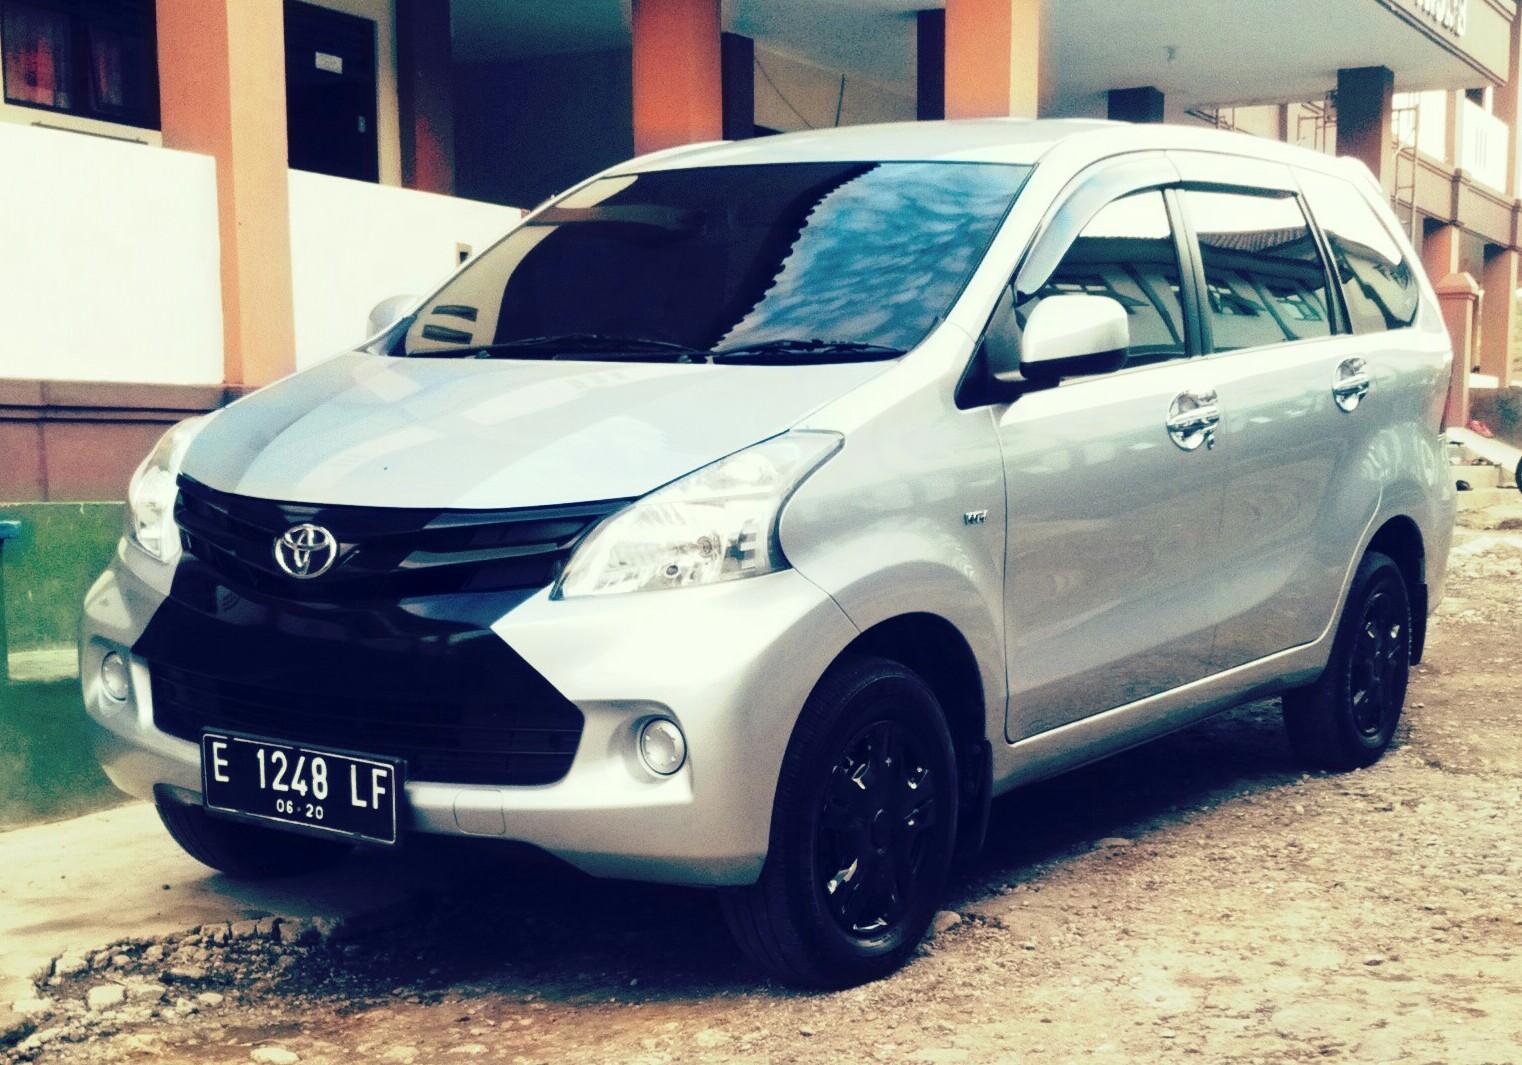 Rental Mobil Murah Di Stasiun Cirebon Antar Jemput